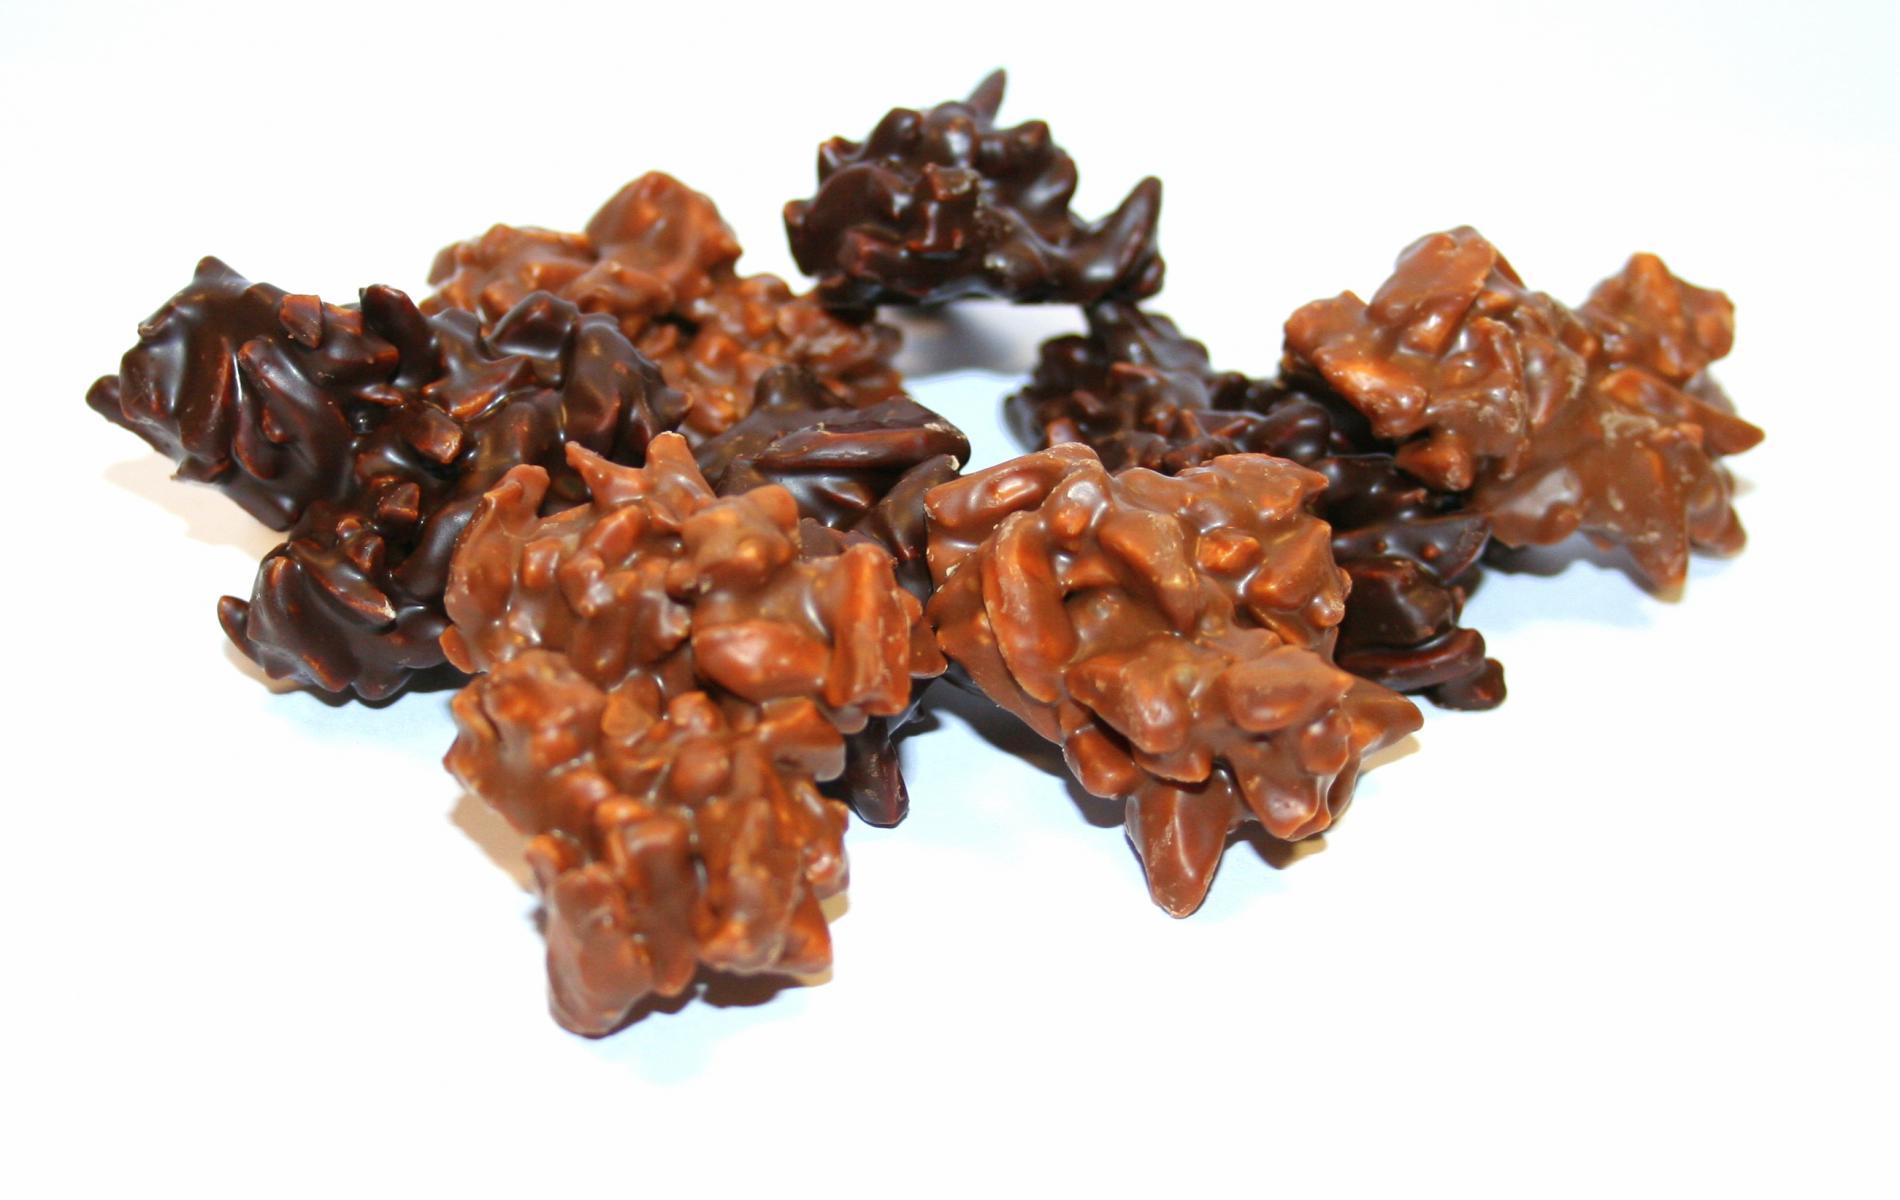 Enrobées de chocolat noir ou de chocolat au lait, ces amandes aiguilles torréfiées sauront séduire vos papilles.